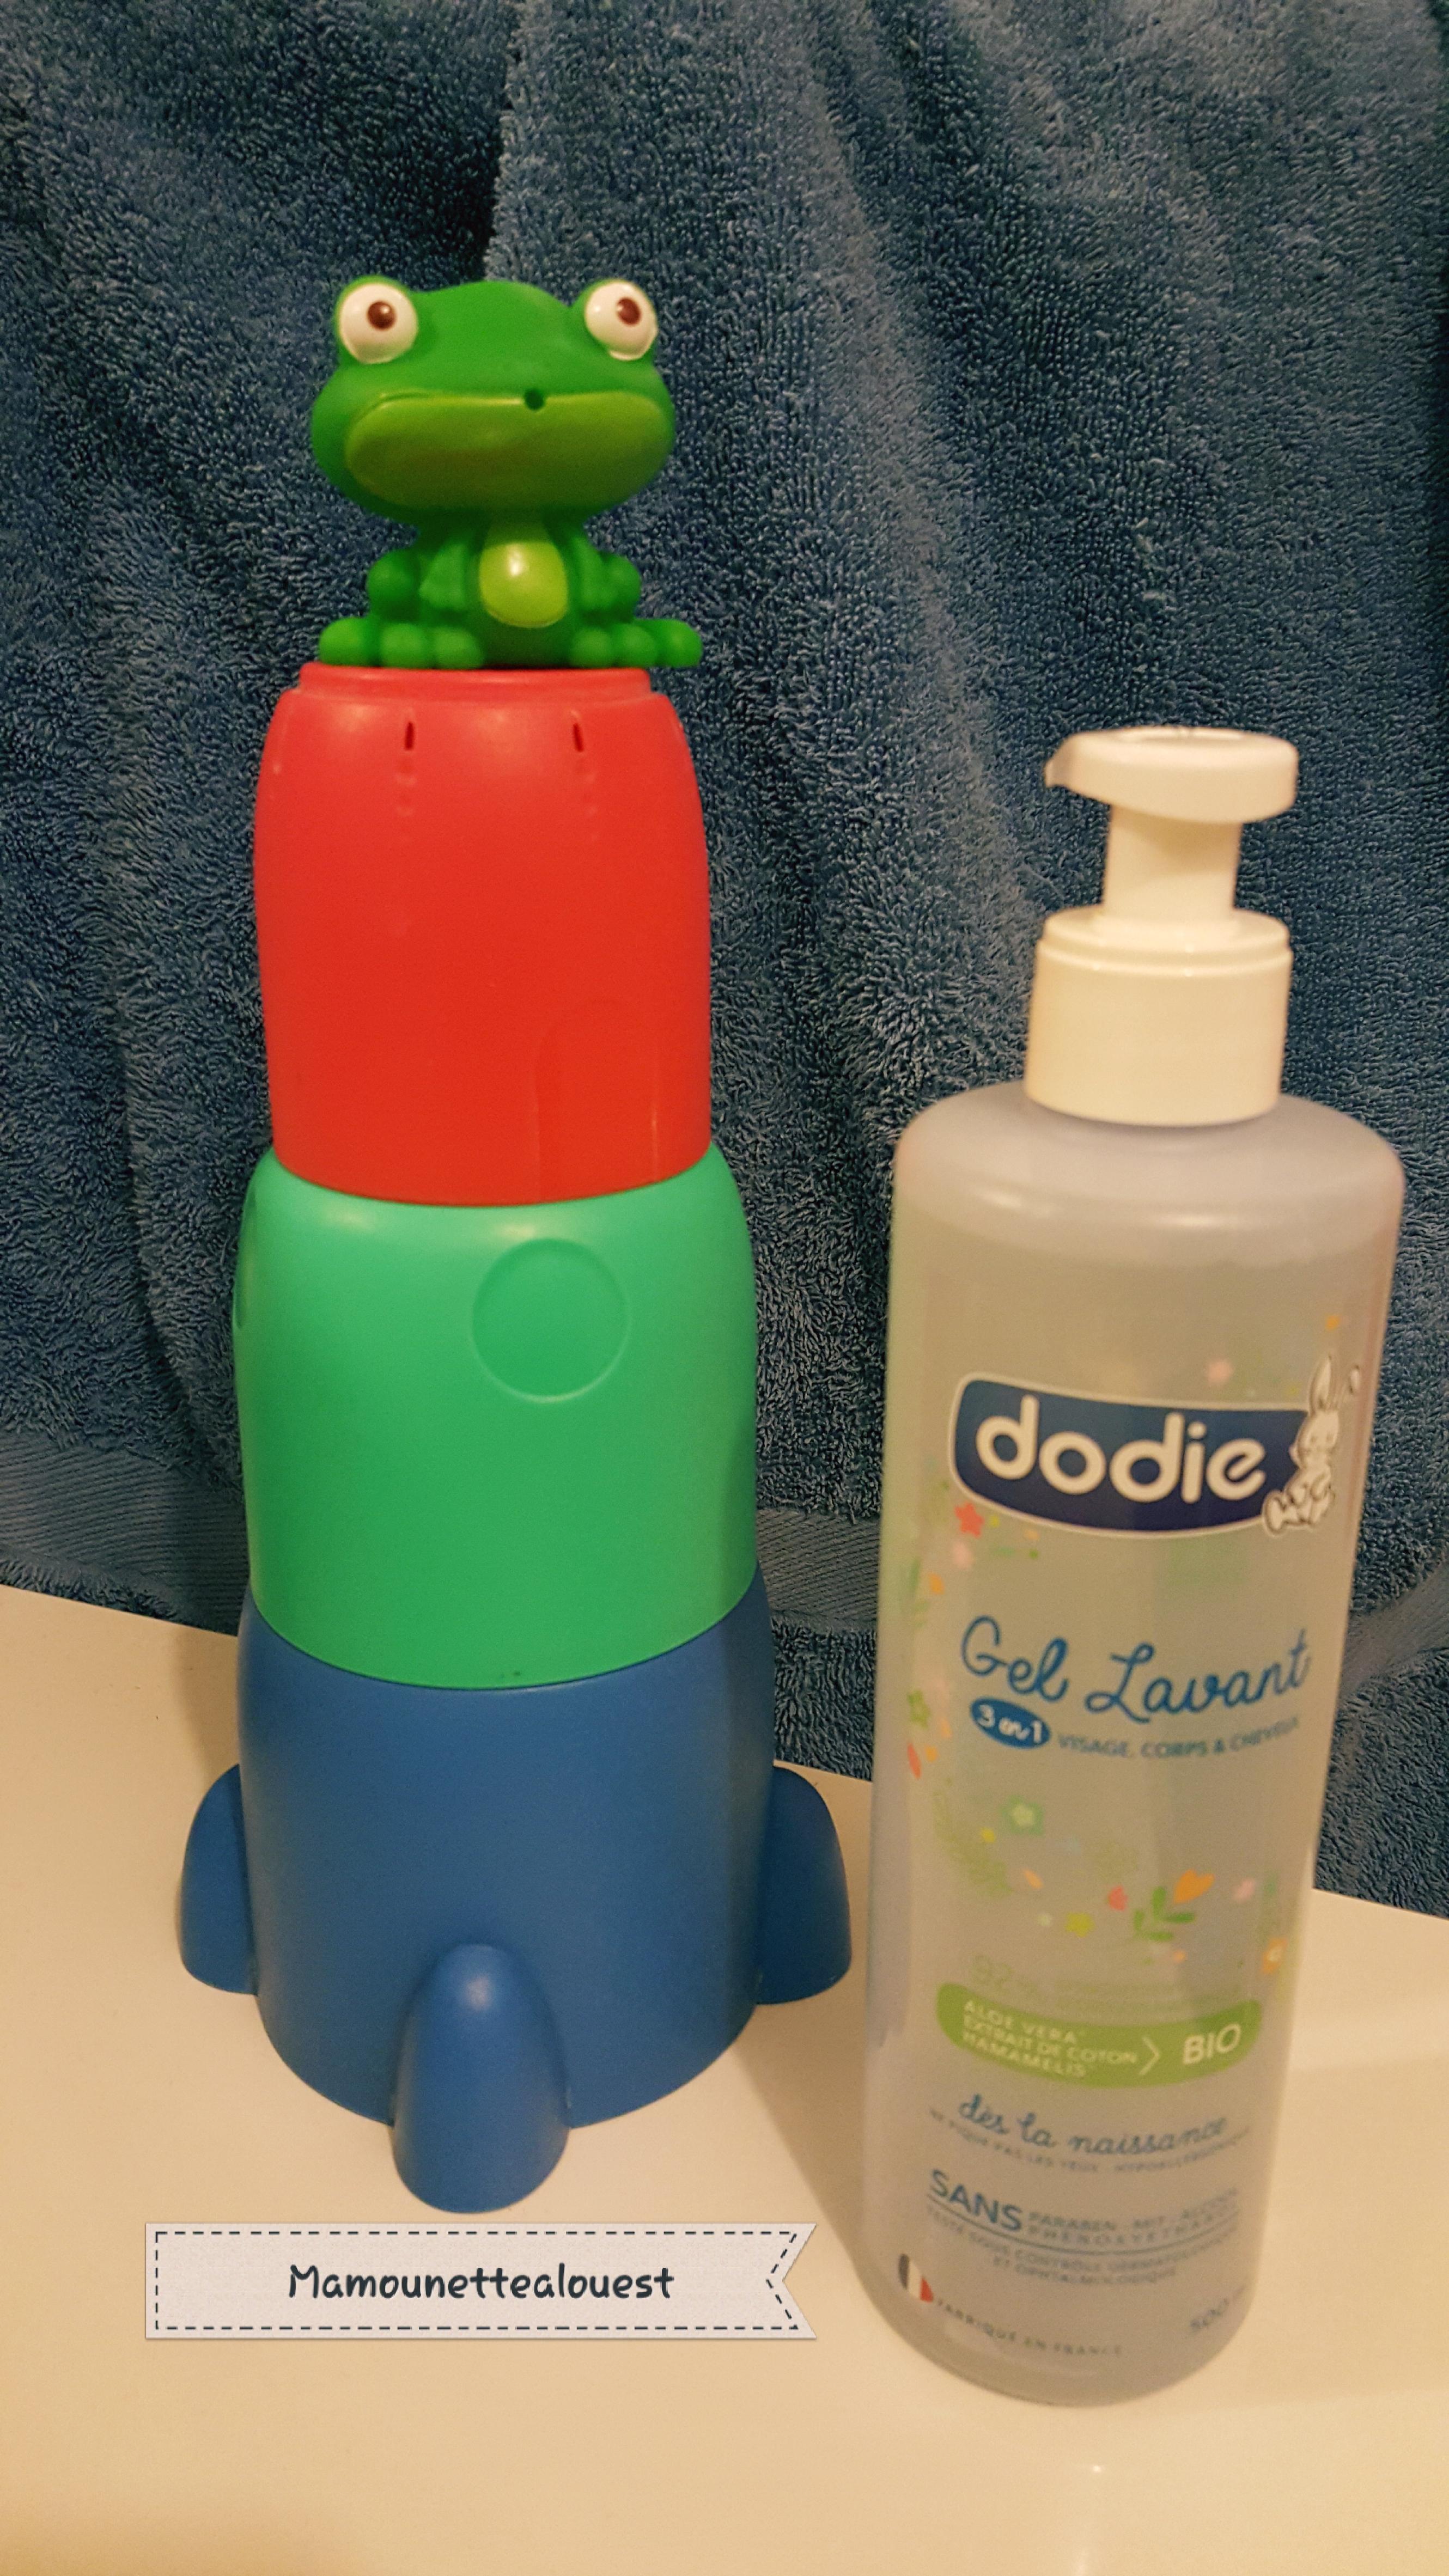 Gel lavant 3 en 1 Dodie.jpg